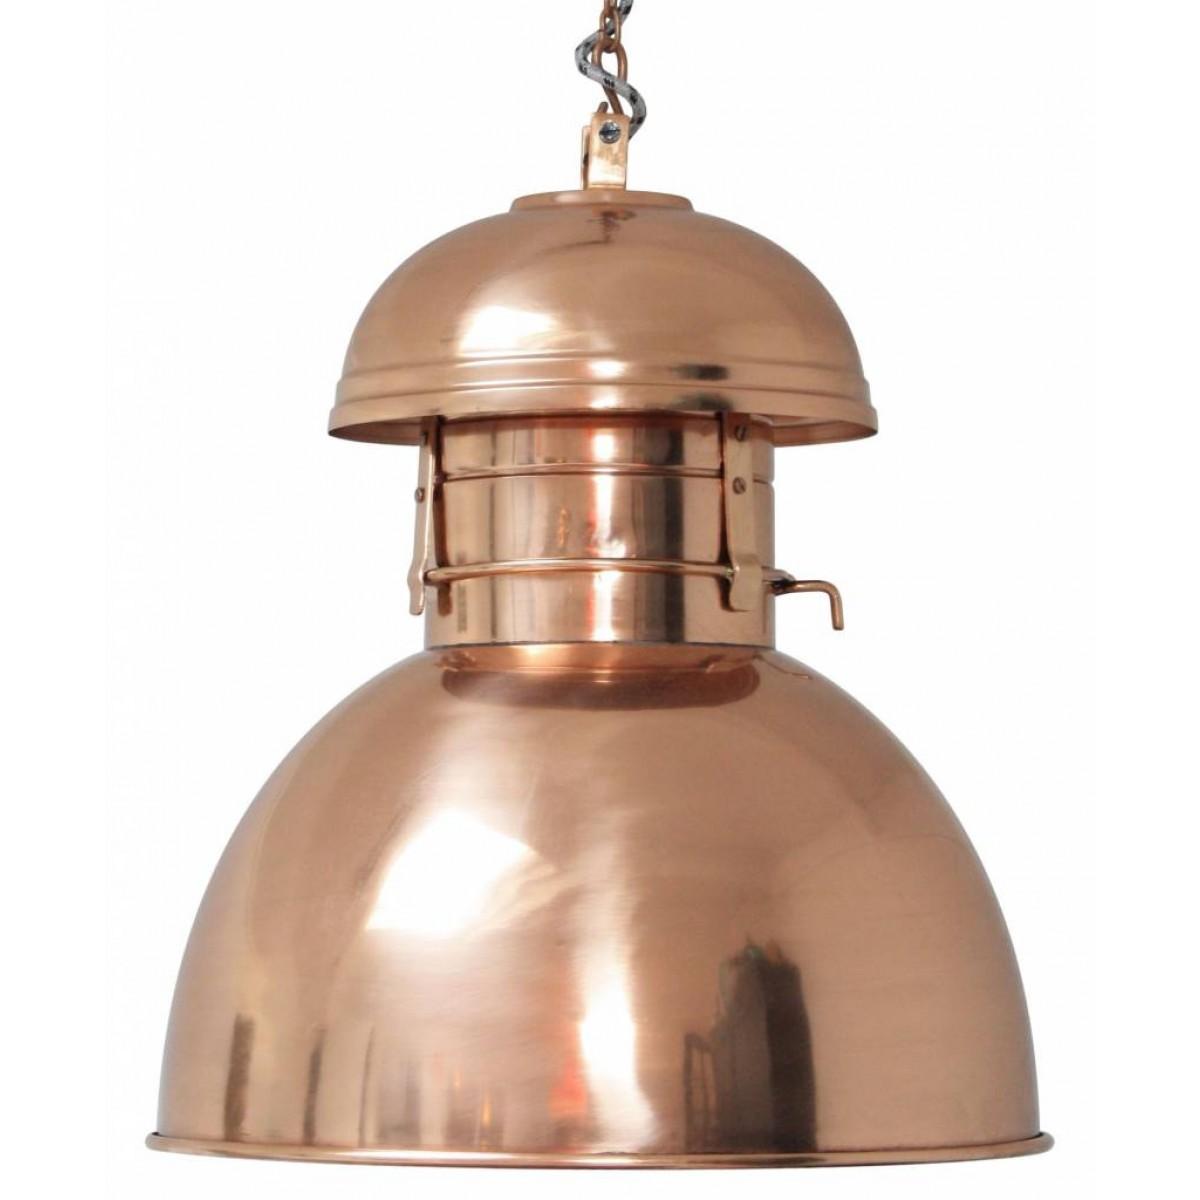 Bezaubernd Lampe Industriedesign Sammlung Von Hängeleuchte Fabrikart, Pendelleuchte Kupfer, Triedesign, Ø 42